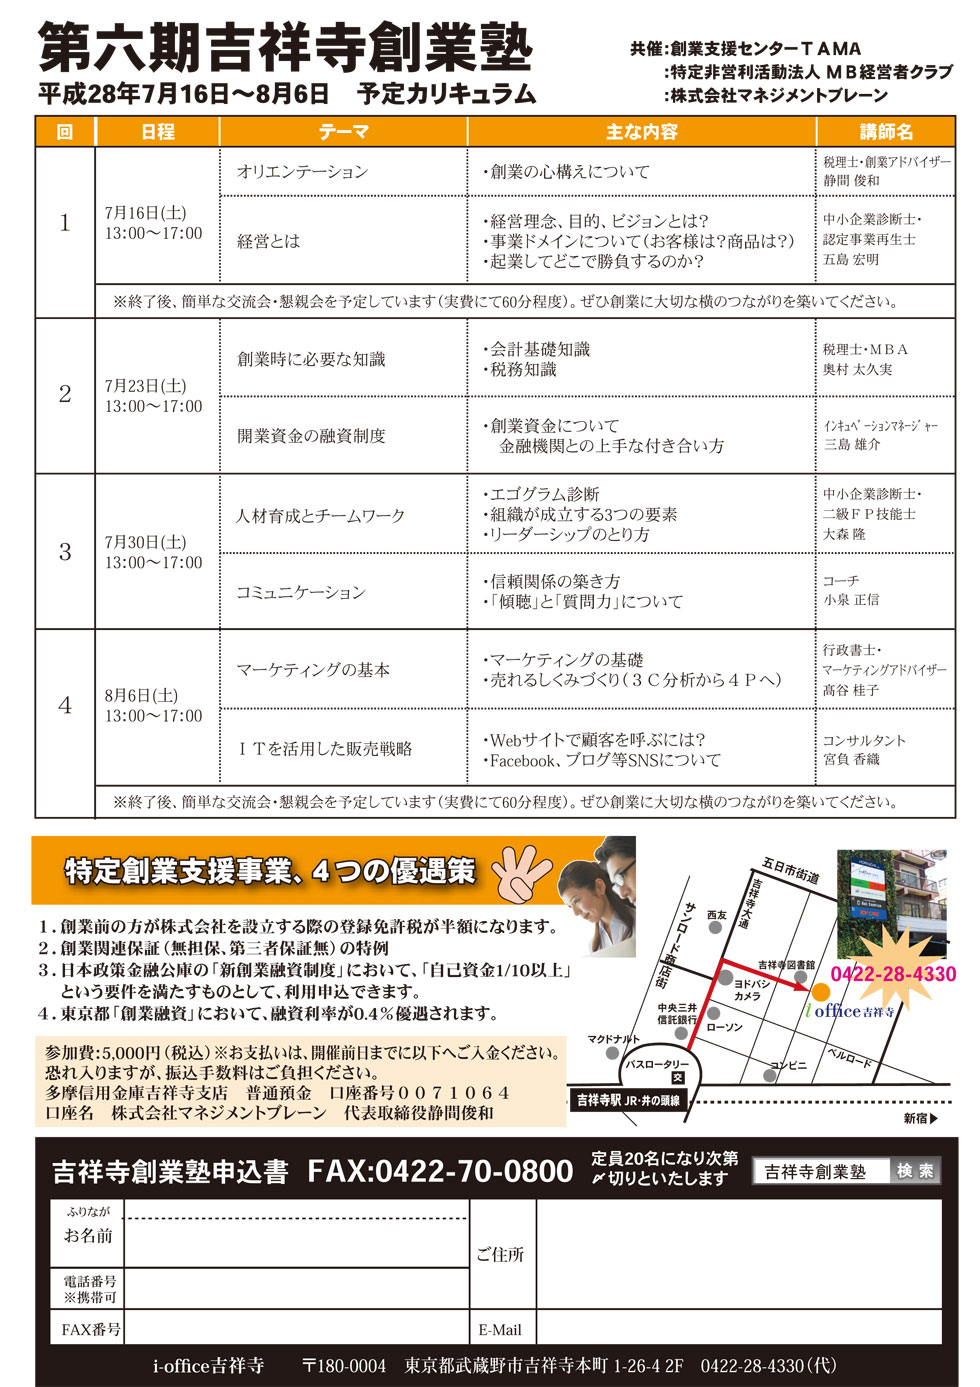 吉祥寺創業塾裏980